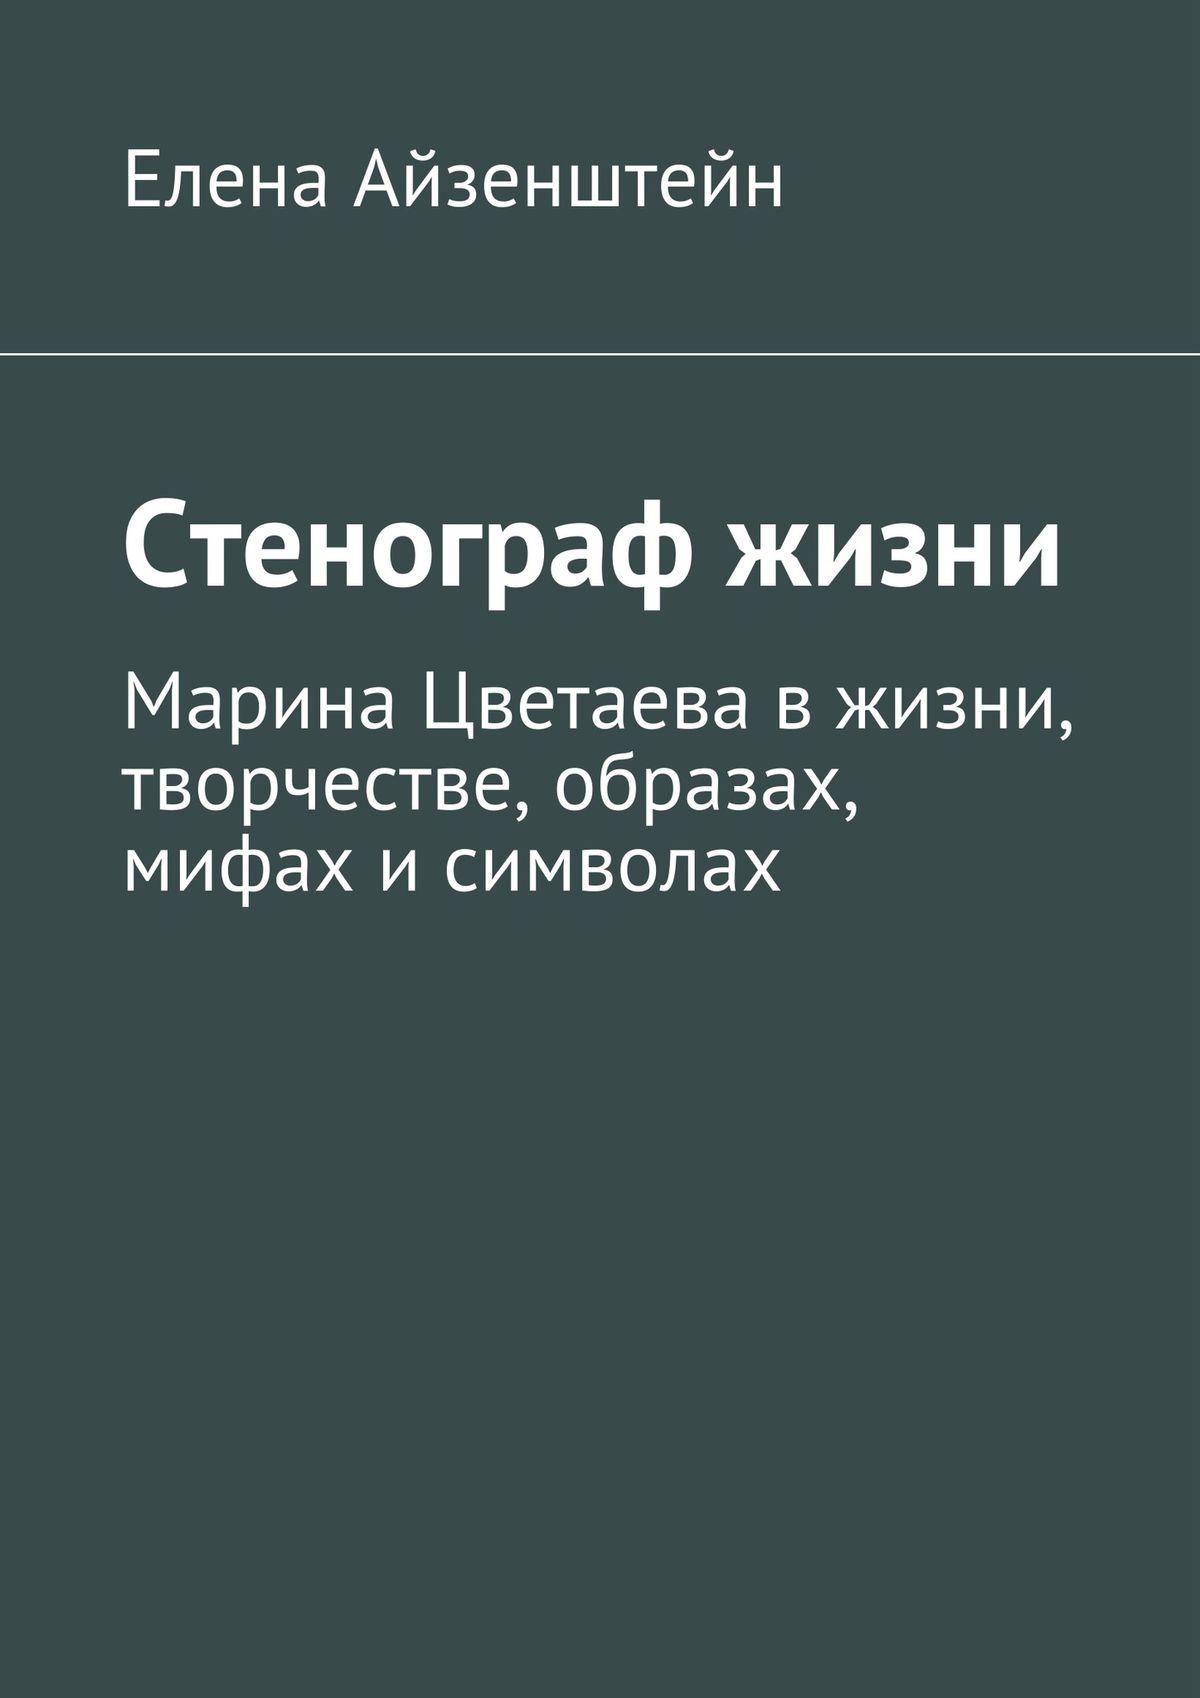 Елена Айзенштейн Стенограф жизни елена айзенштейн стенограф жизни